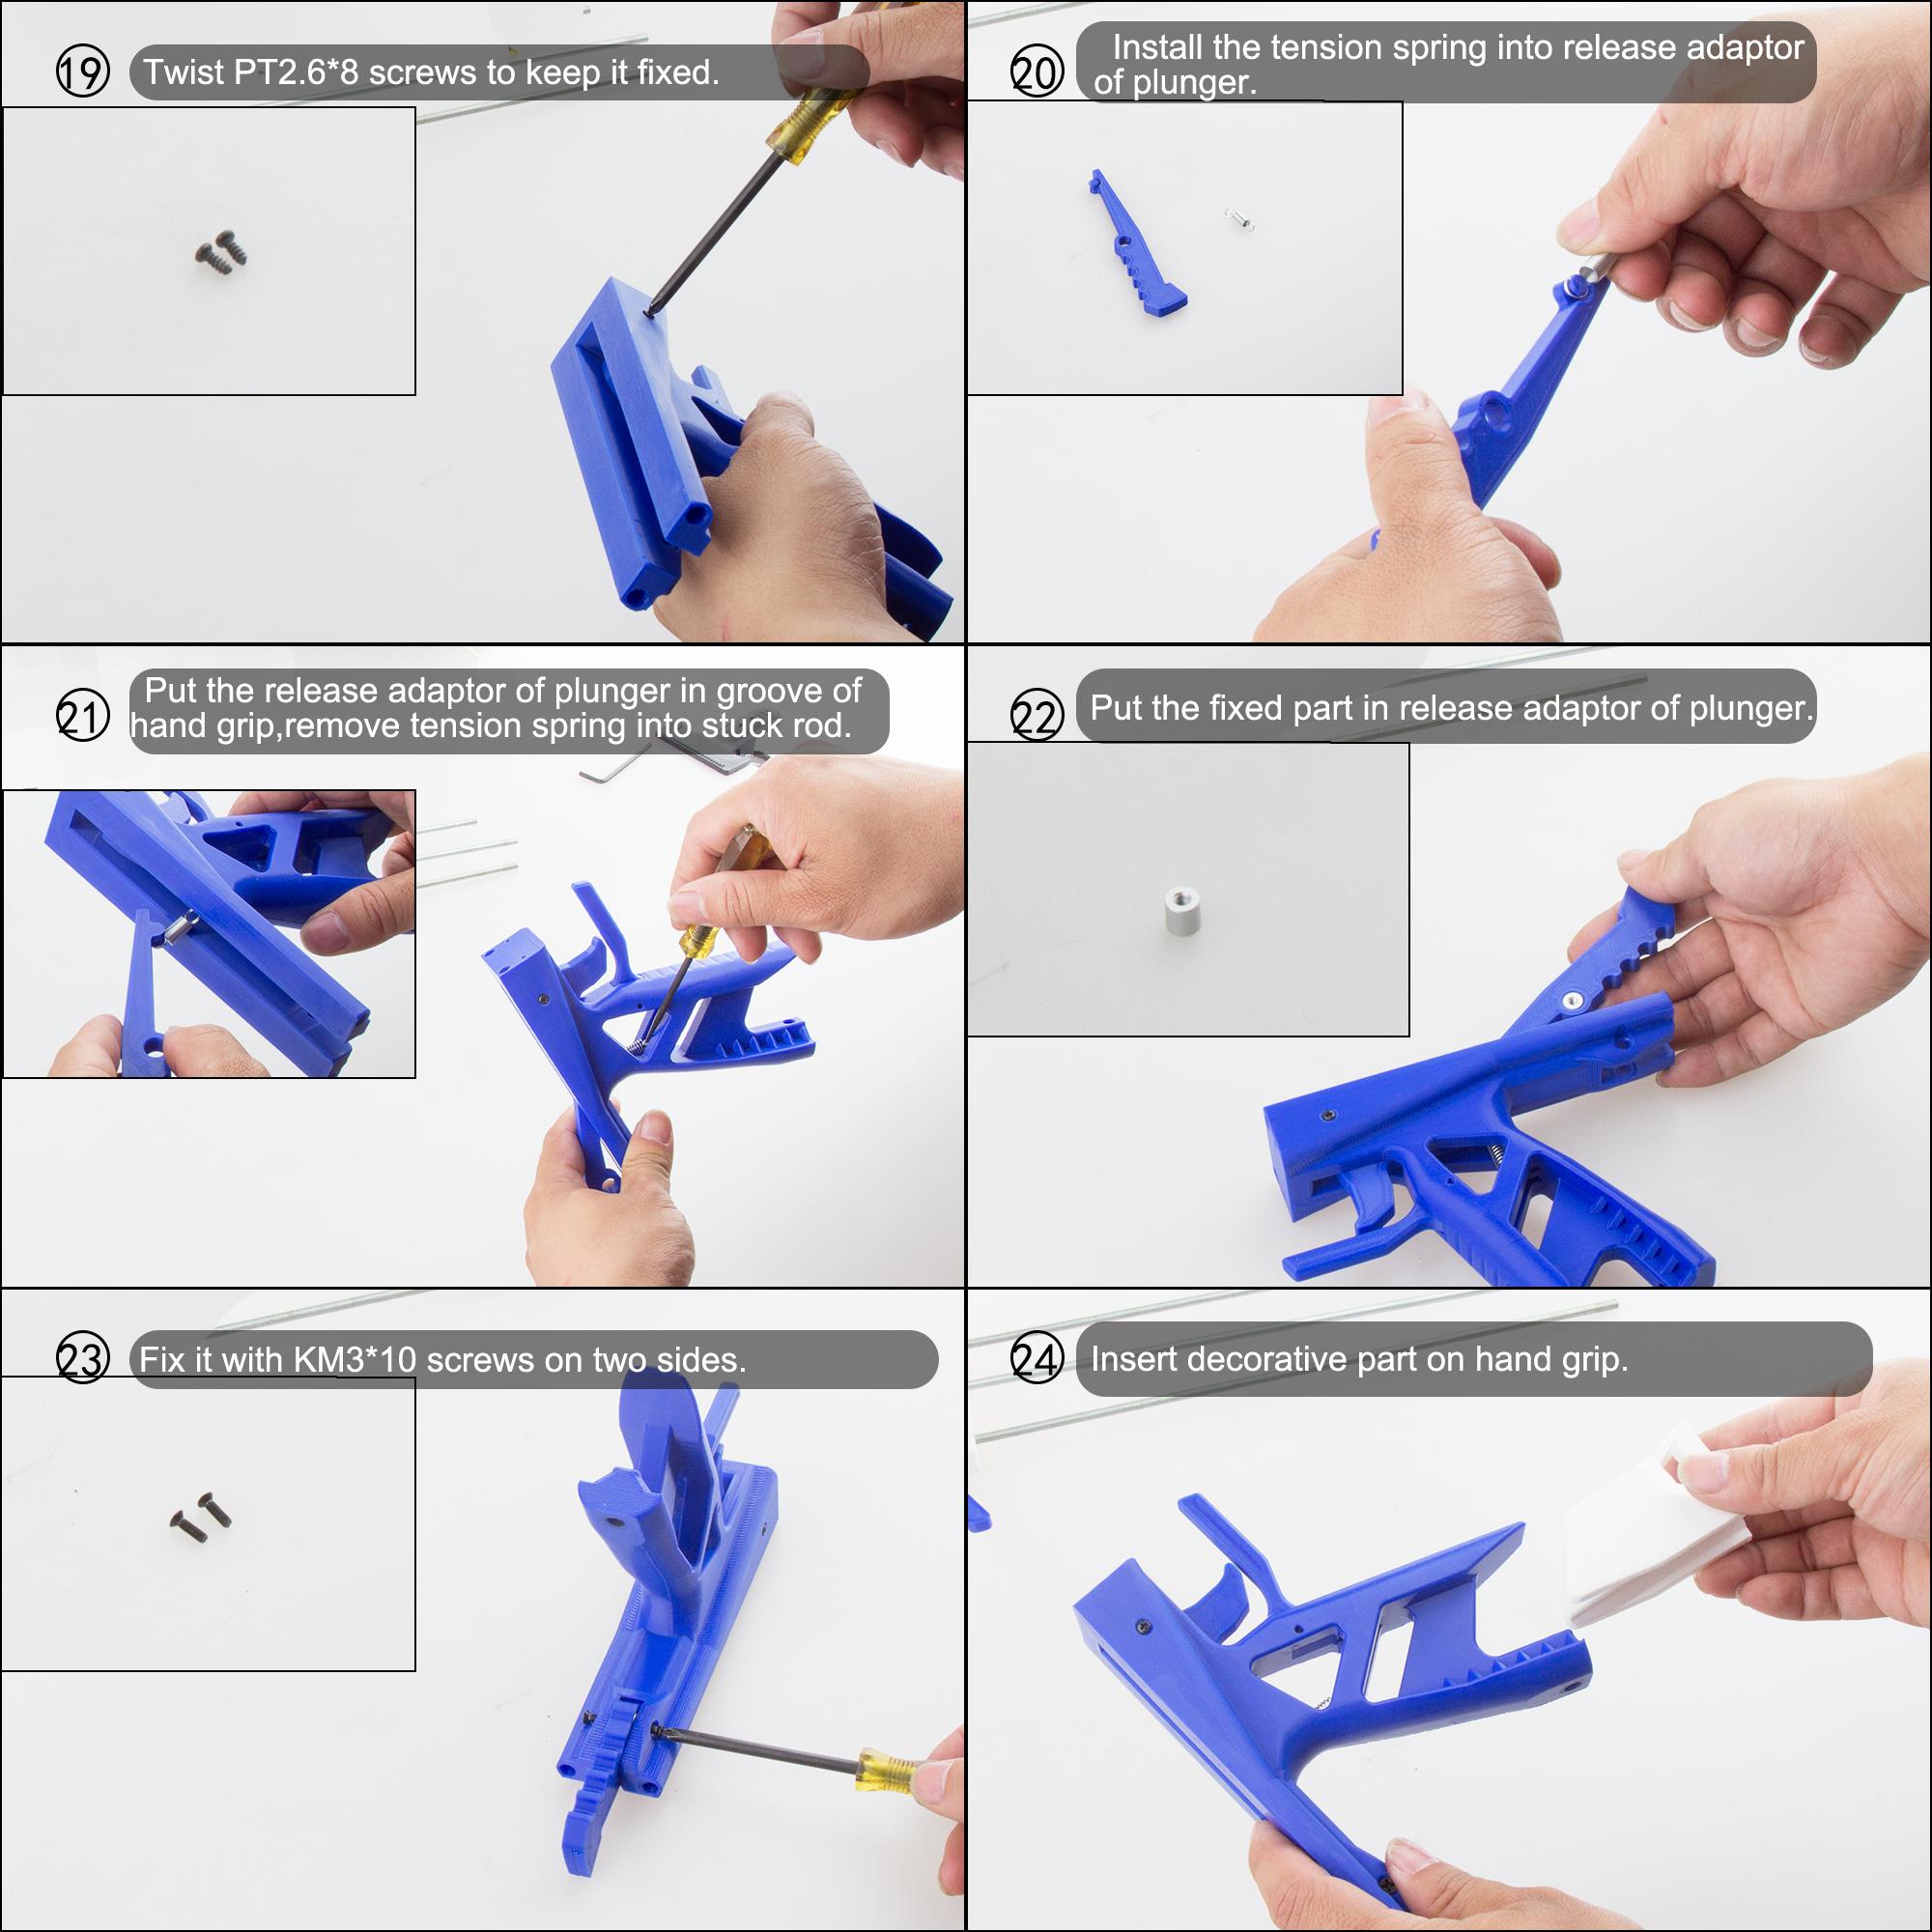 Worker Caliburn 3D Printed Nerf Blaster Kit v1.1 assembly 4